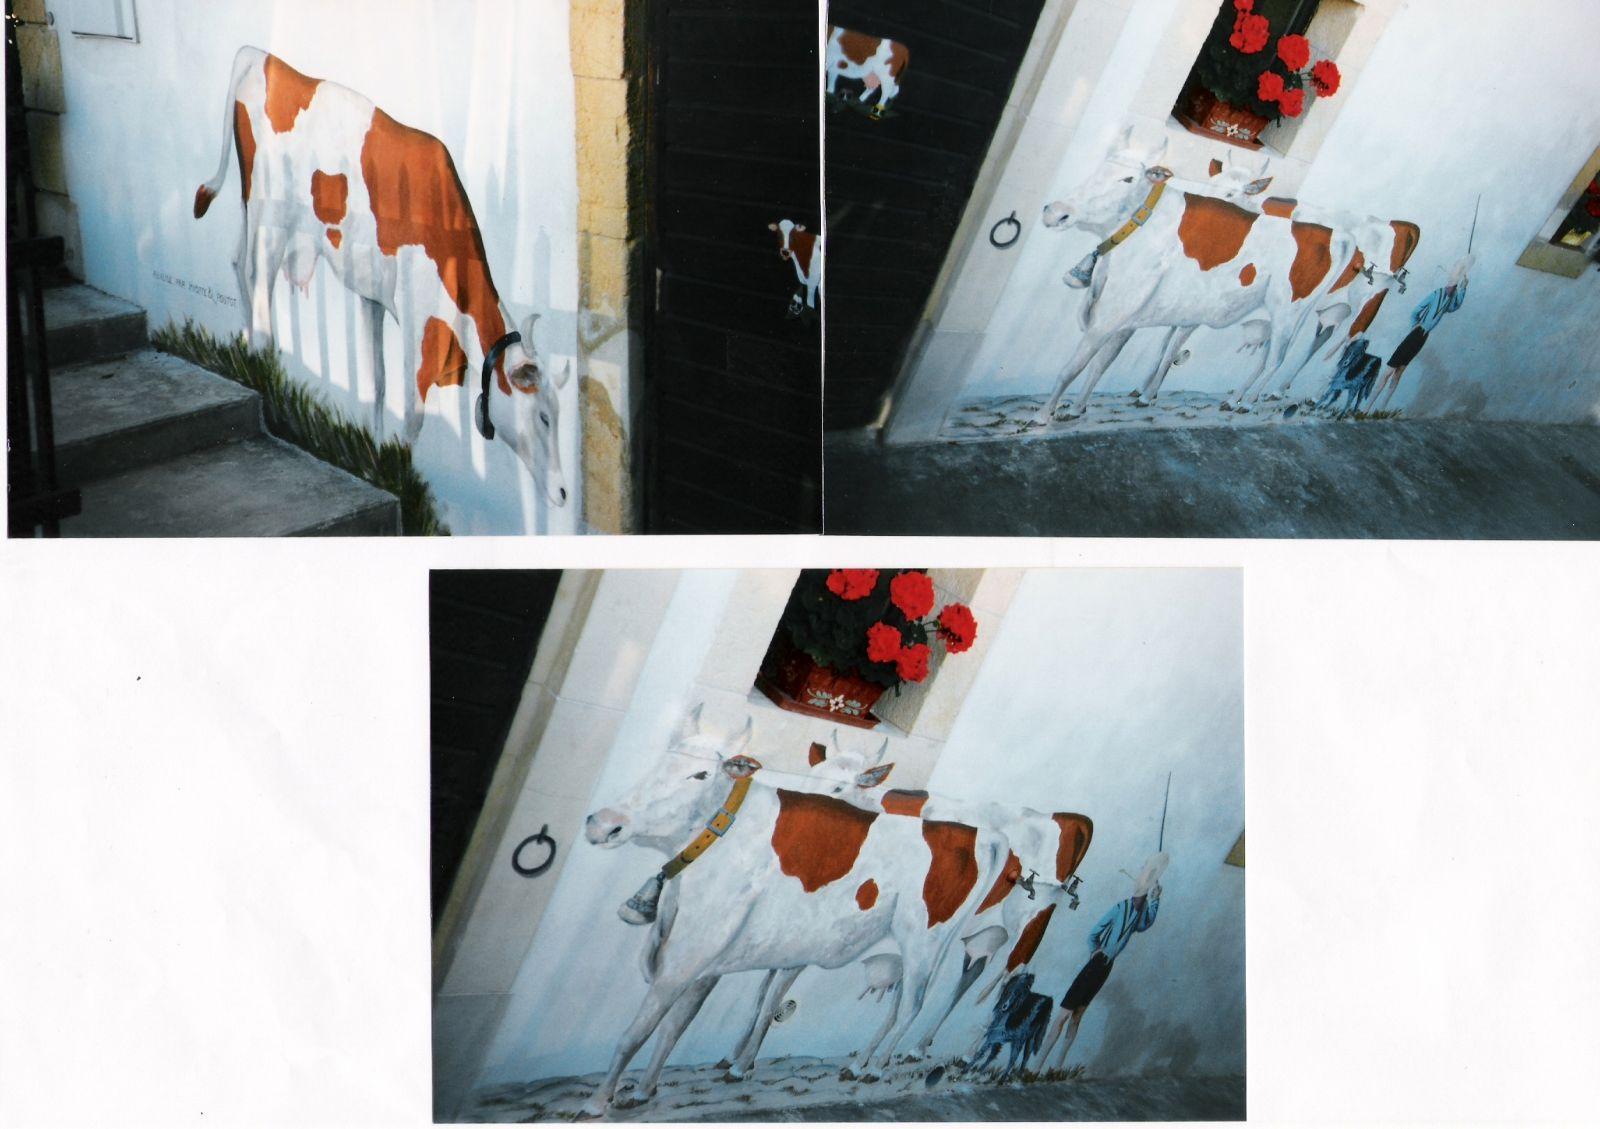 Fresque murale peinture acrylique trompe l 39 oeil d coration murale artiste - Fresque sur mur exterieur ...